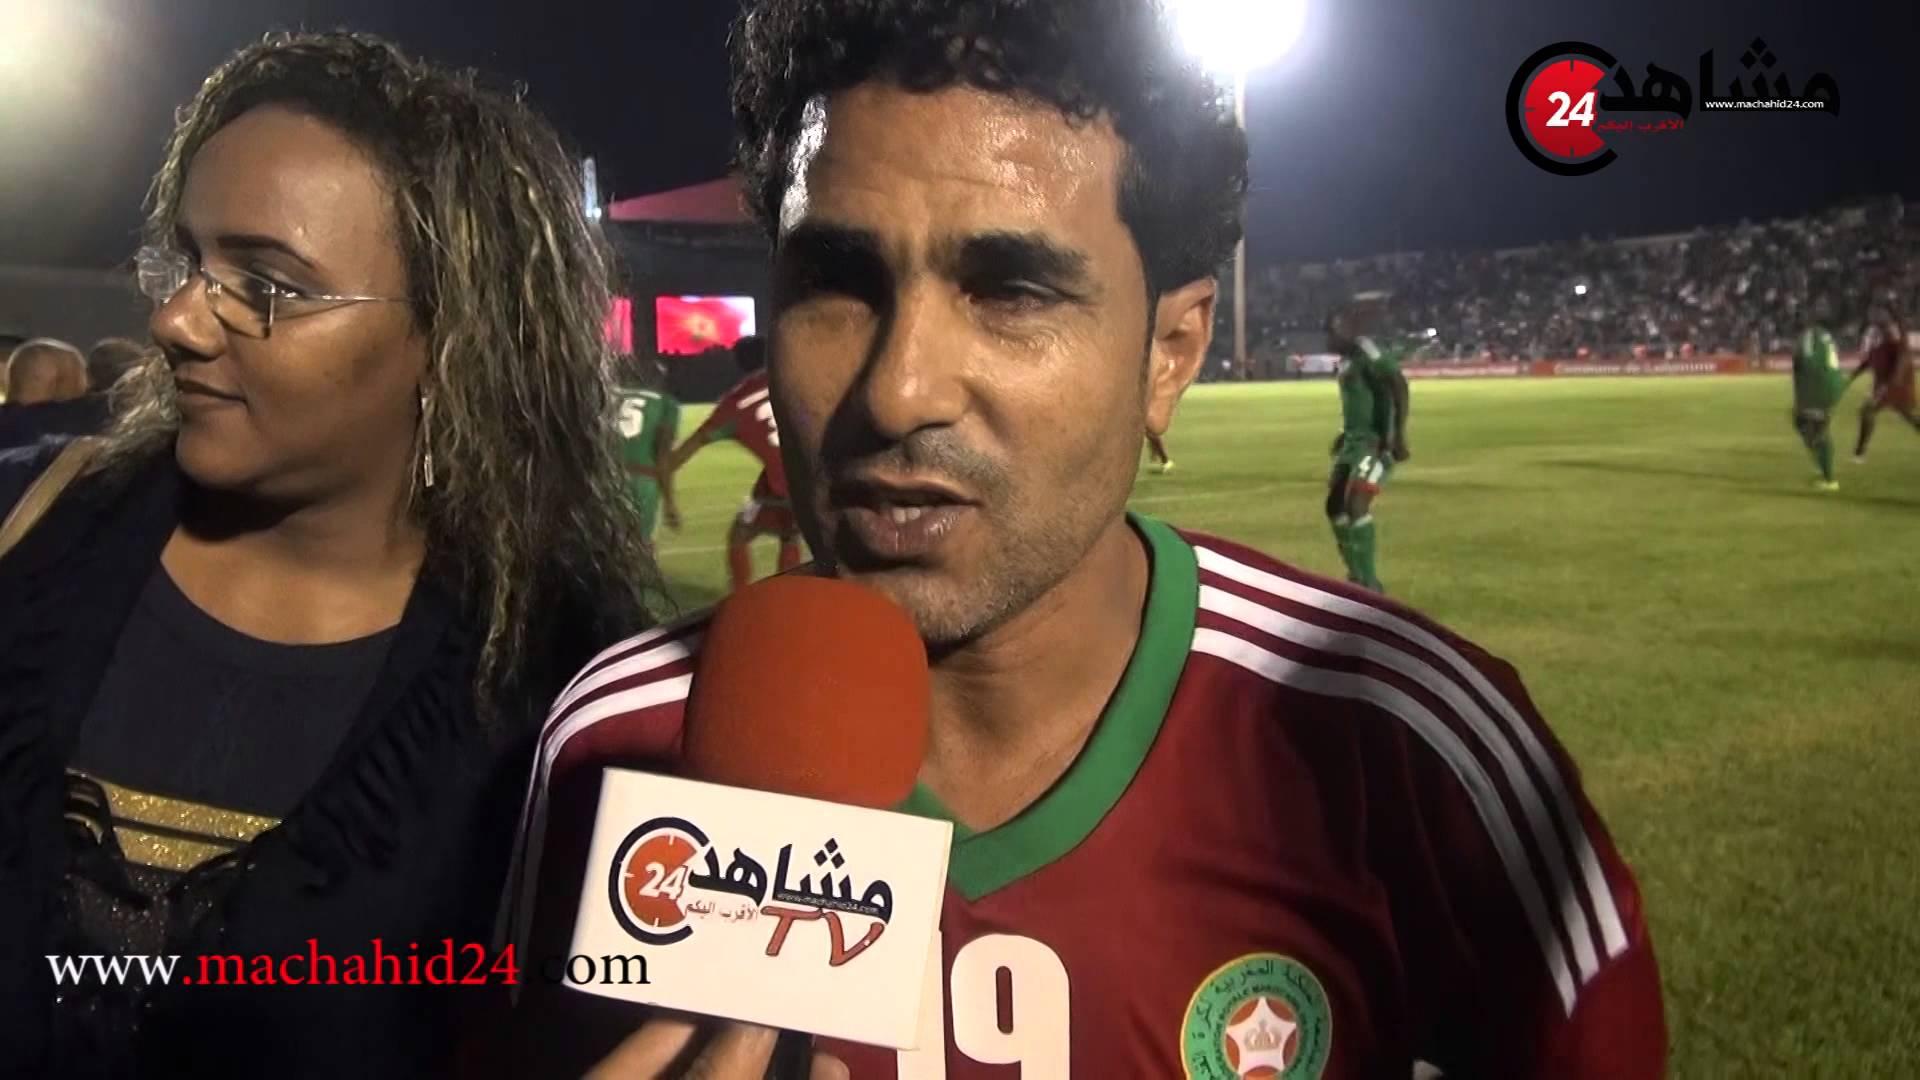 بصير وحجي يتحدثان عن مباراة النجوم بمدينة العيون